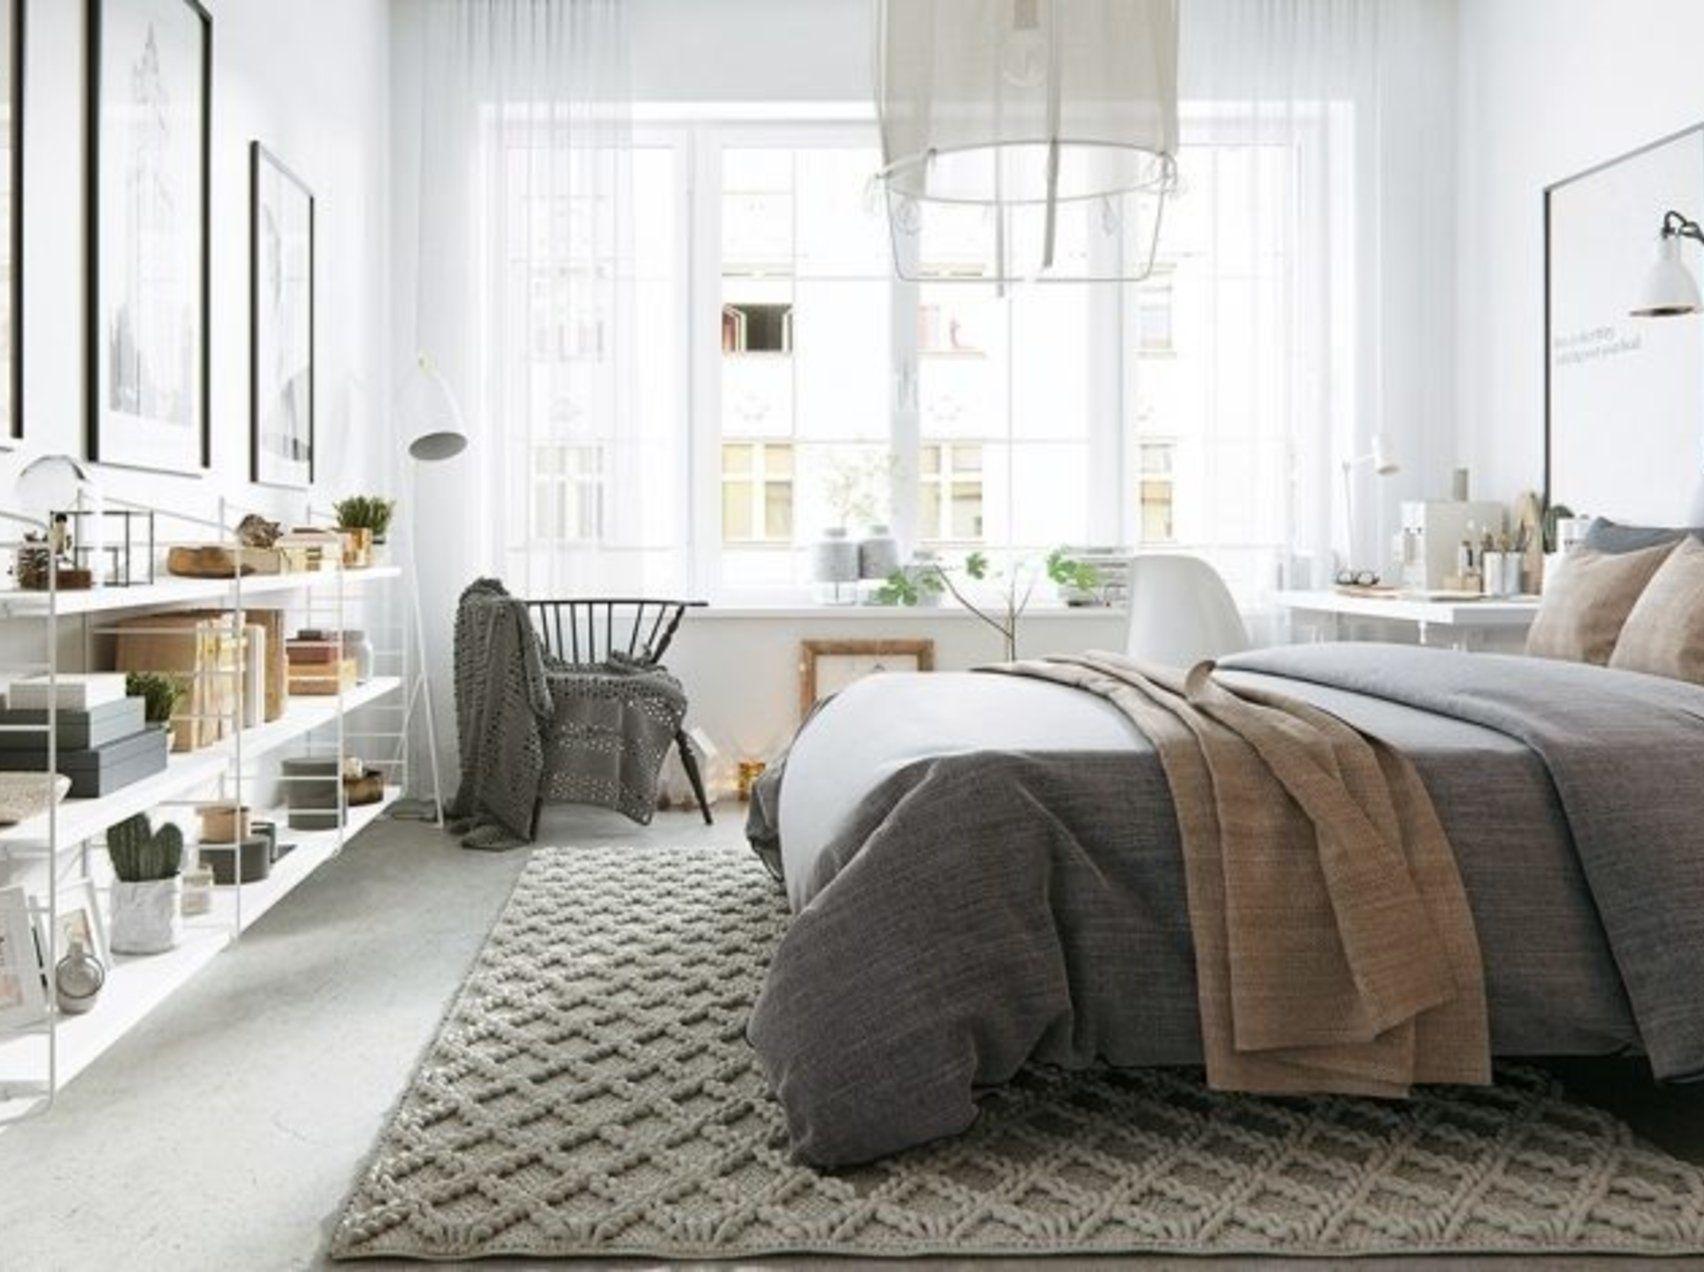 Teppich im schlafzimmer  Dos & Don'ts für Teppiche im Schlafzimmer   Galeria   Pinterest ...